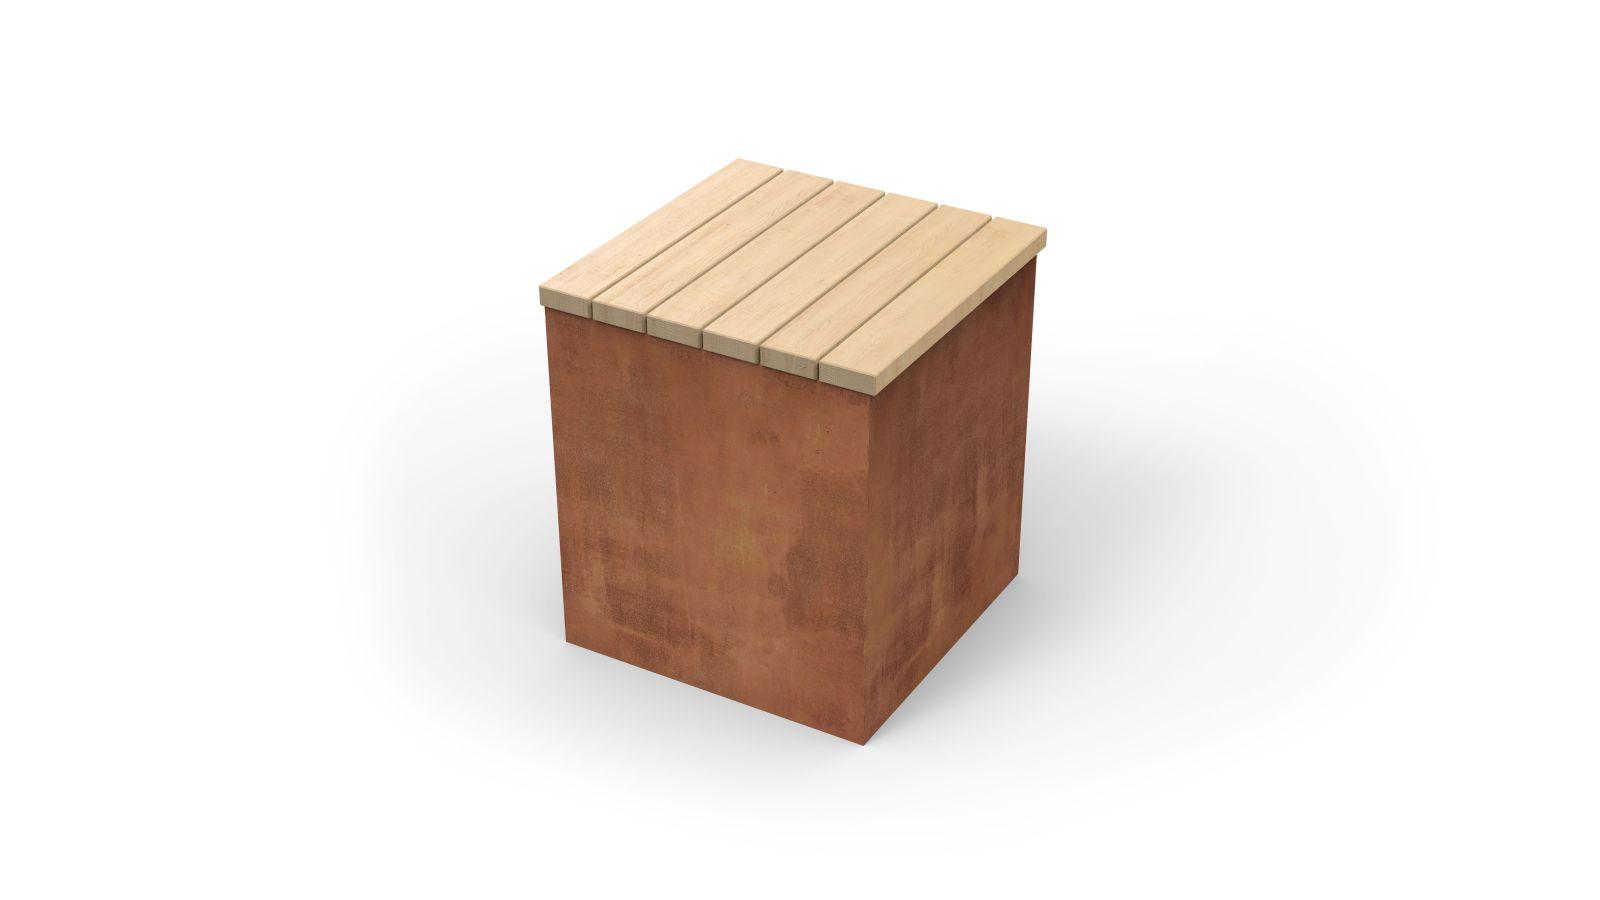 sitzm bel m bel deko grill garten manufaktur. Black Bedroom Furniture Sets. Home Design Ideas